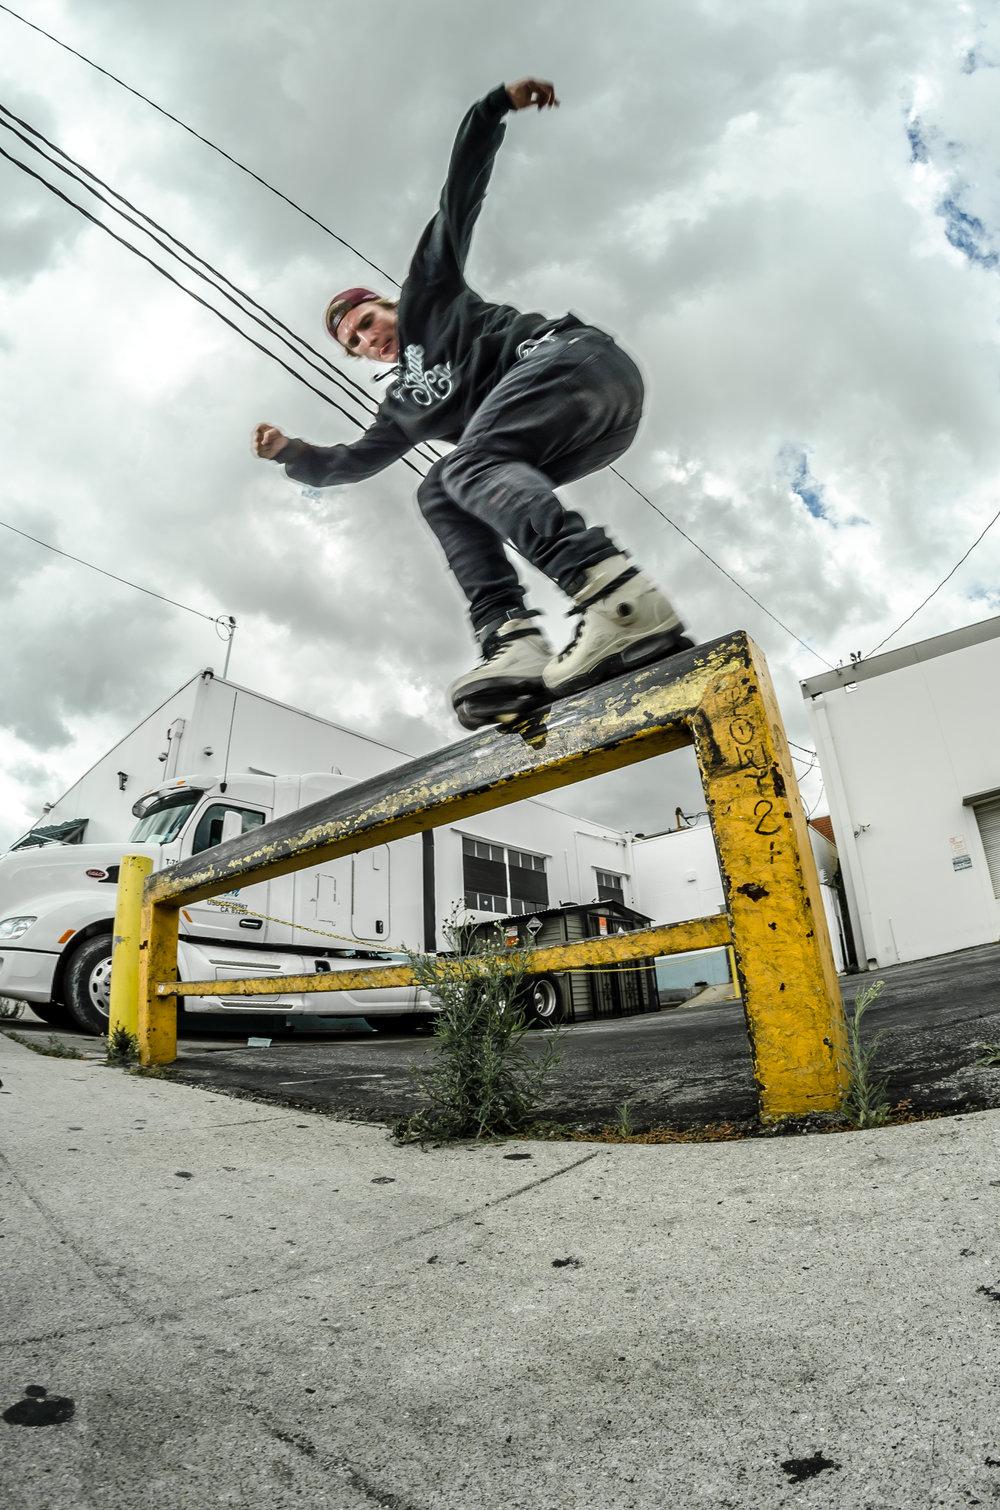 Jon Fromm - TTS - Photo by Sean MacGowan